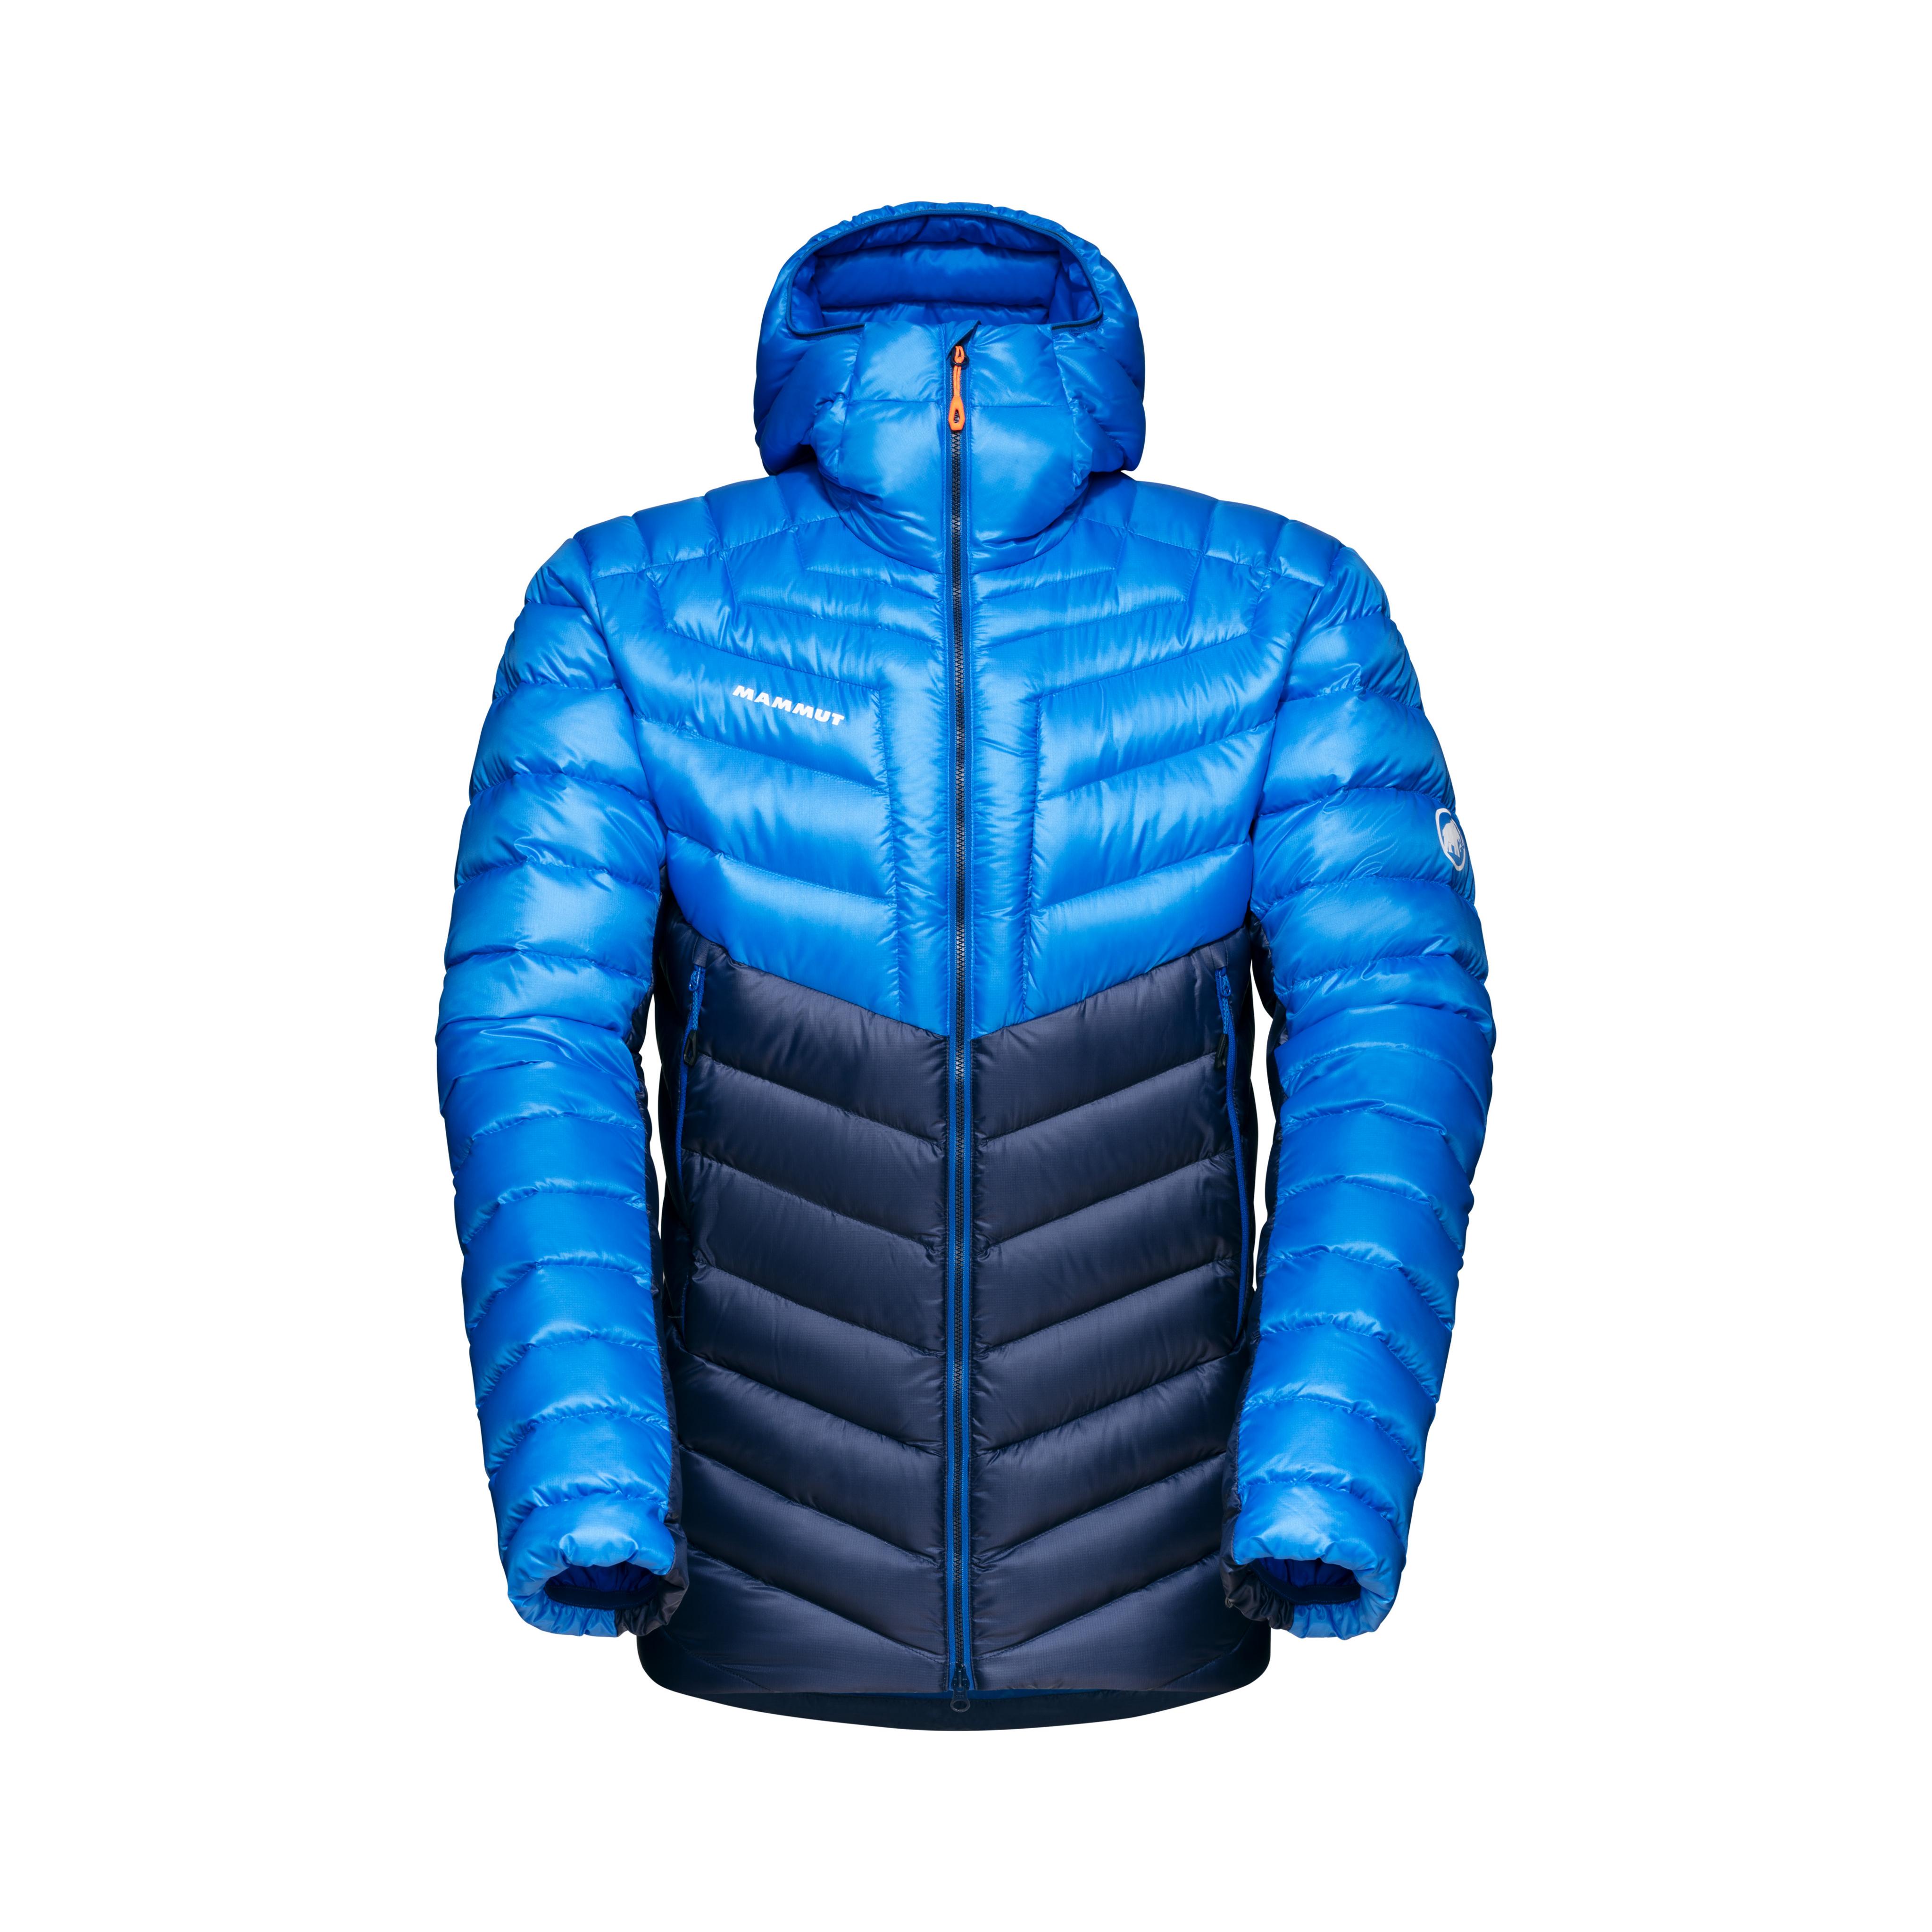 Broad Peak IN Hooded Jacket Men - marine-ice, S thumbnail